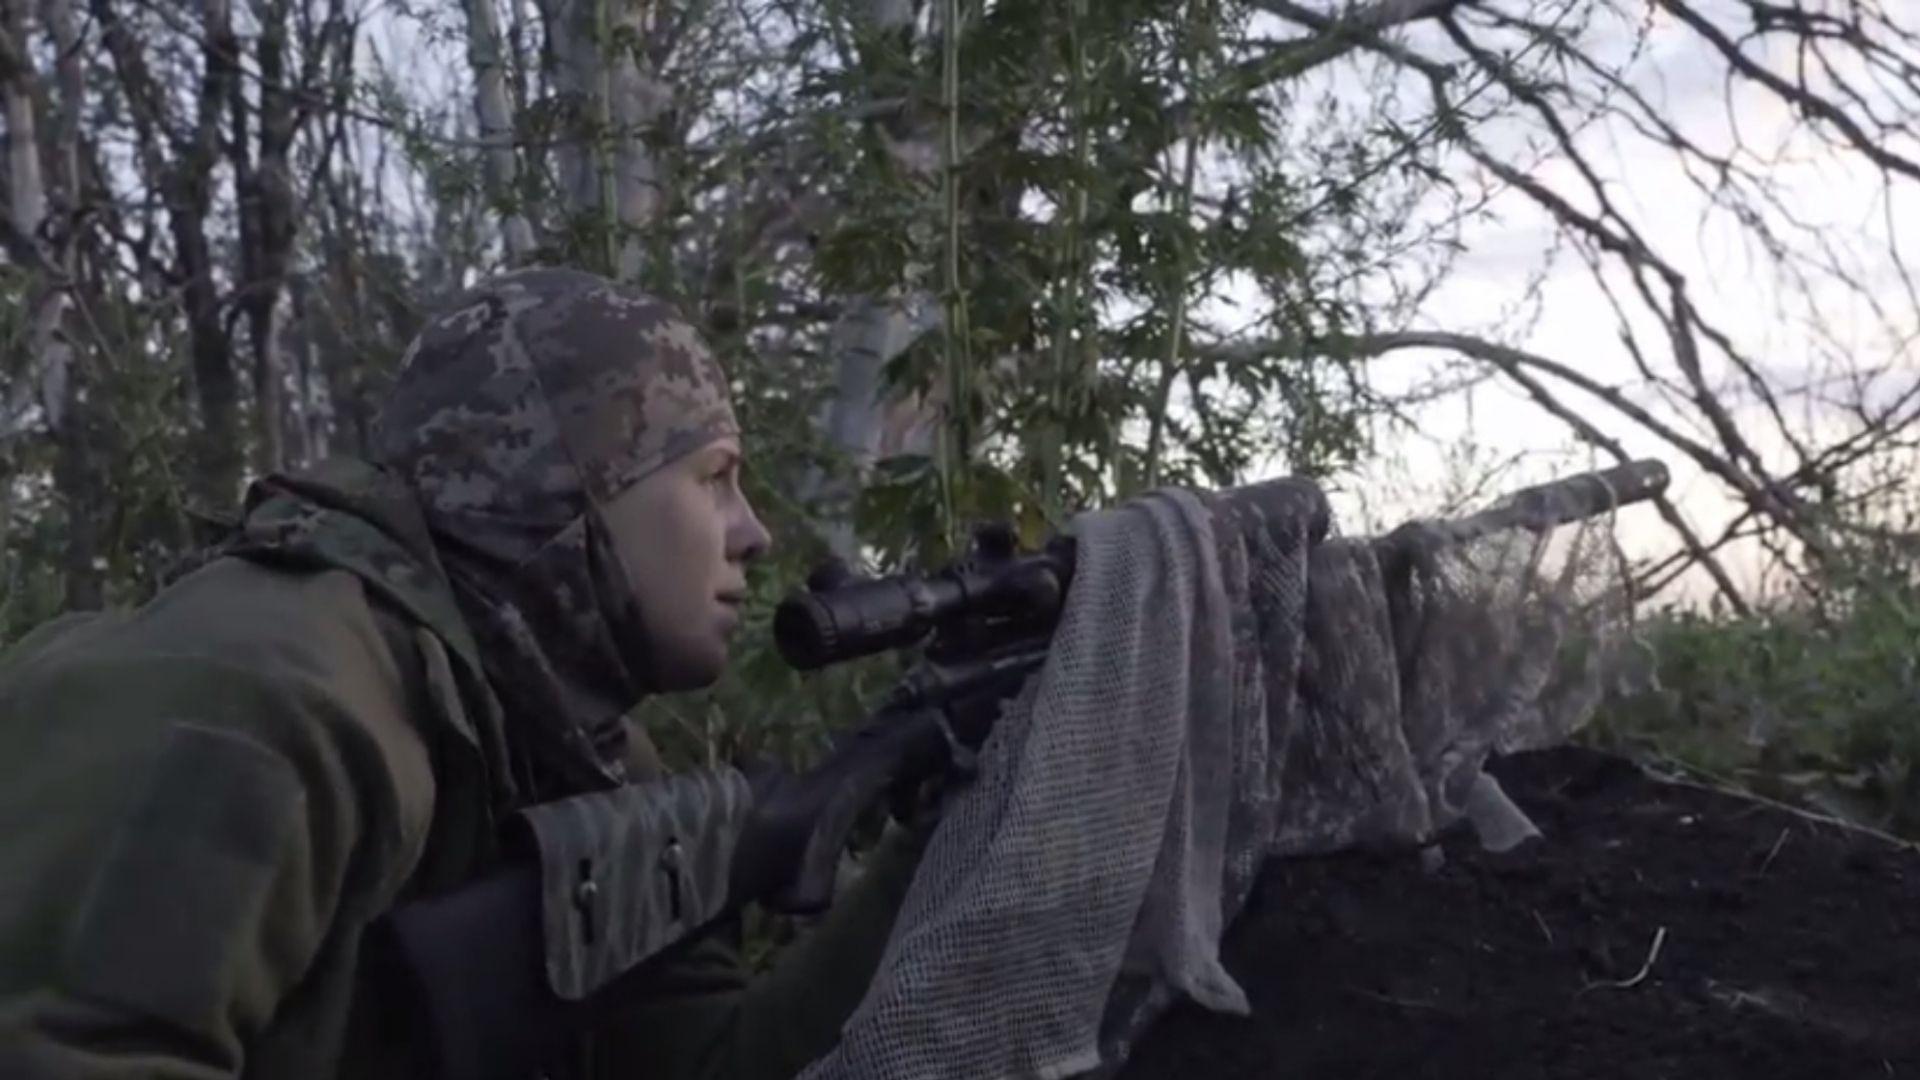 «Cправжня роль жінки на війні»: з якими проблемами стикаються захисниці України